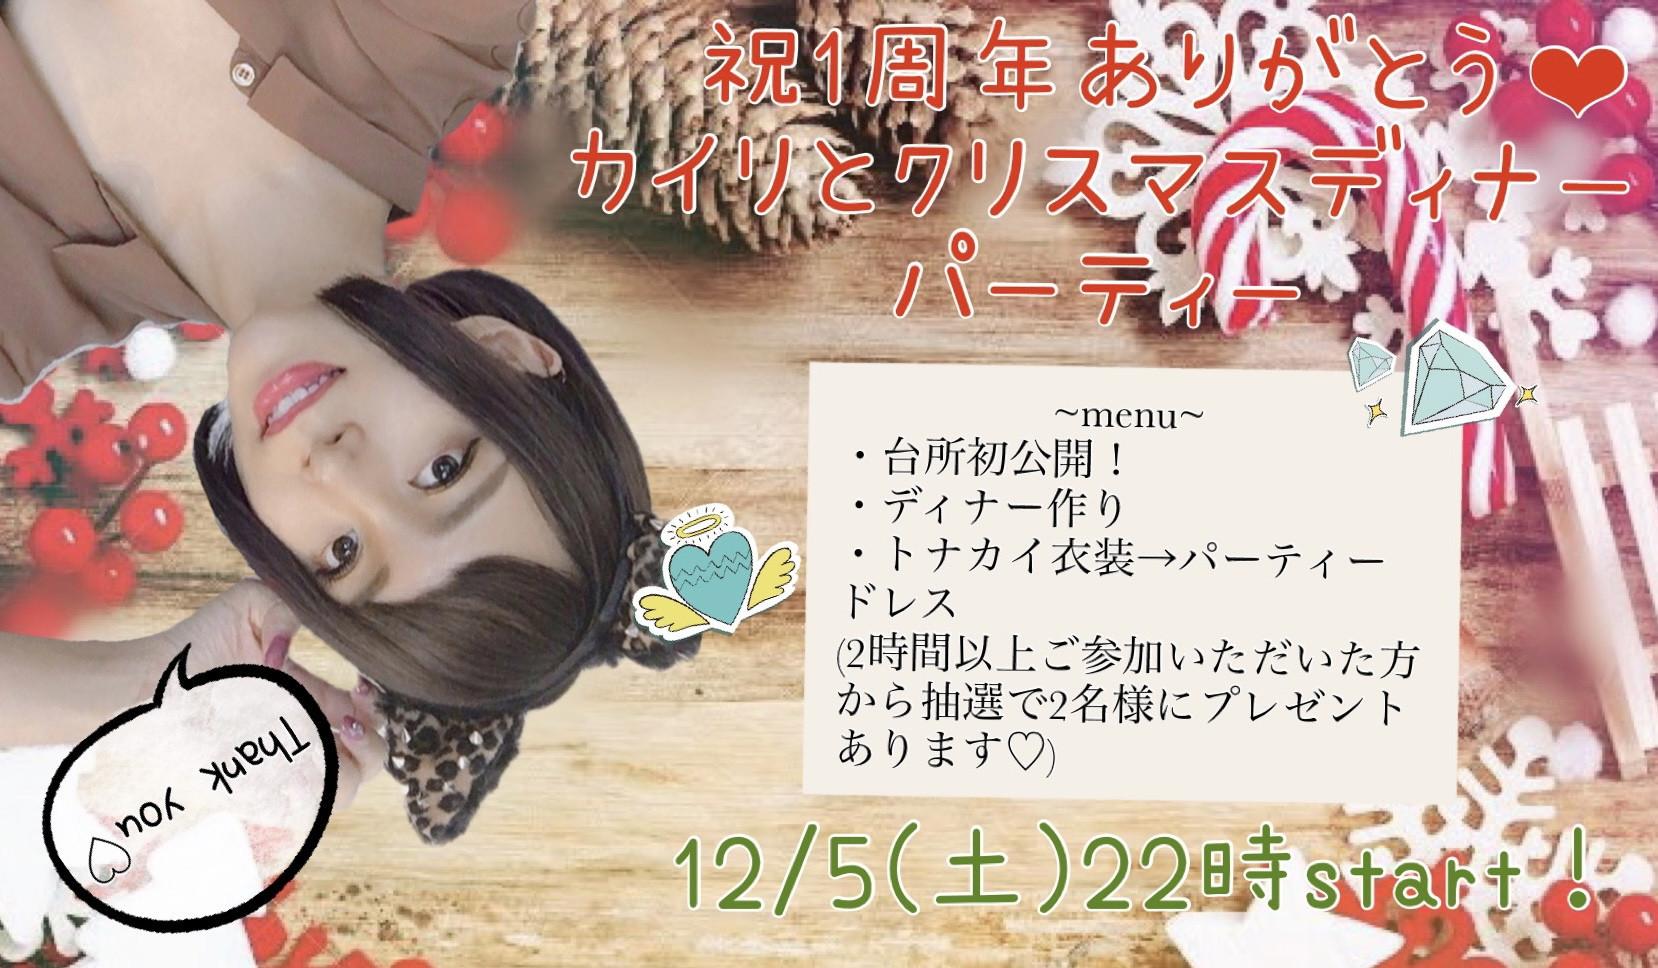 カイリちゃん企画『祝1周年ありがとう! カイリとクリスマスディナーパーティー』